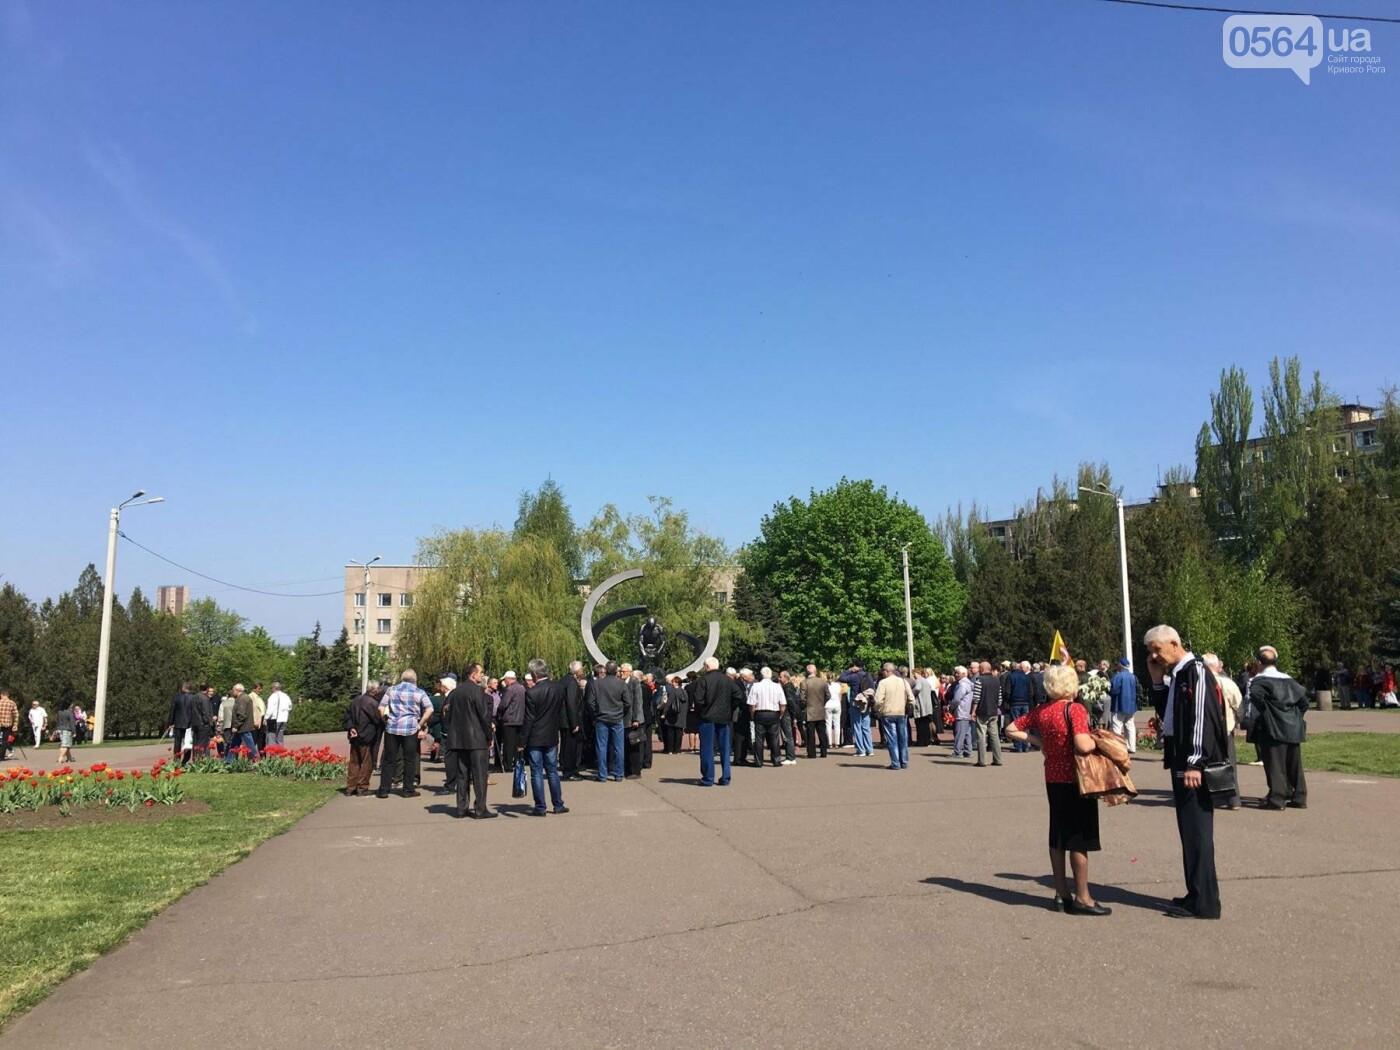 Чернобыльская катастрофа: В Кривом Роге прошел митинг-реквием в память о тех, кто пожертвовал собой во имя спасения сограждан (ФОТО, ВИДЕО), фото-9